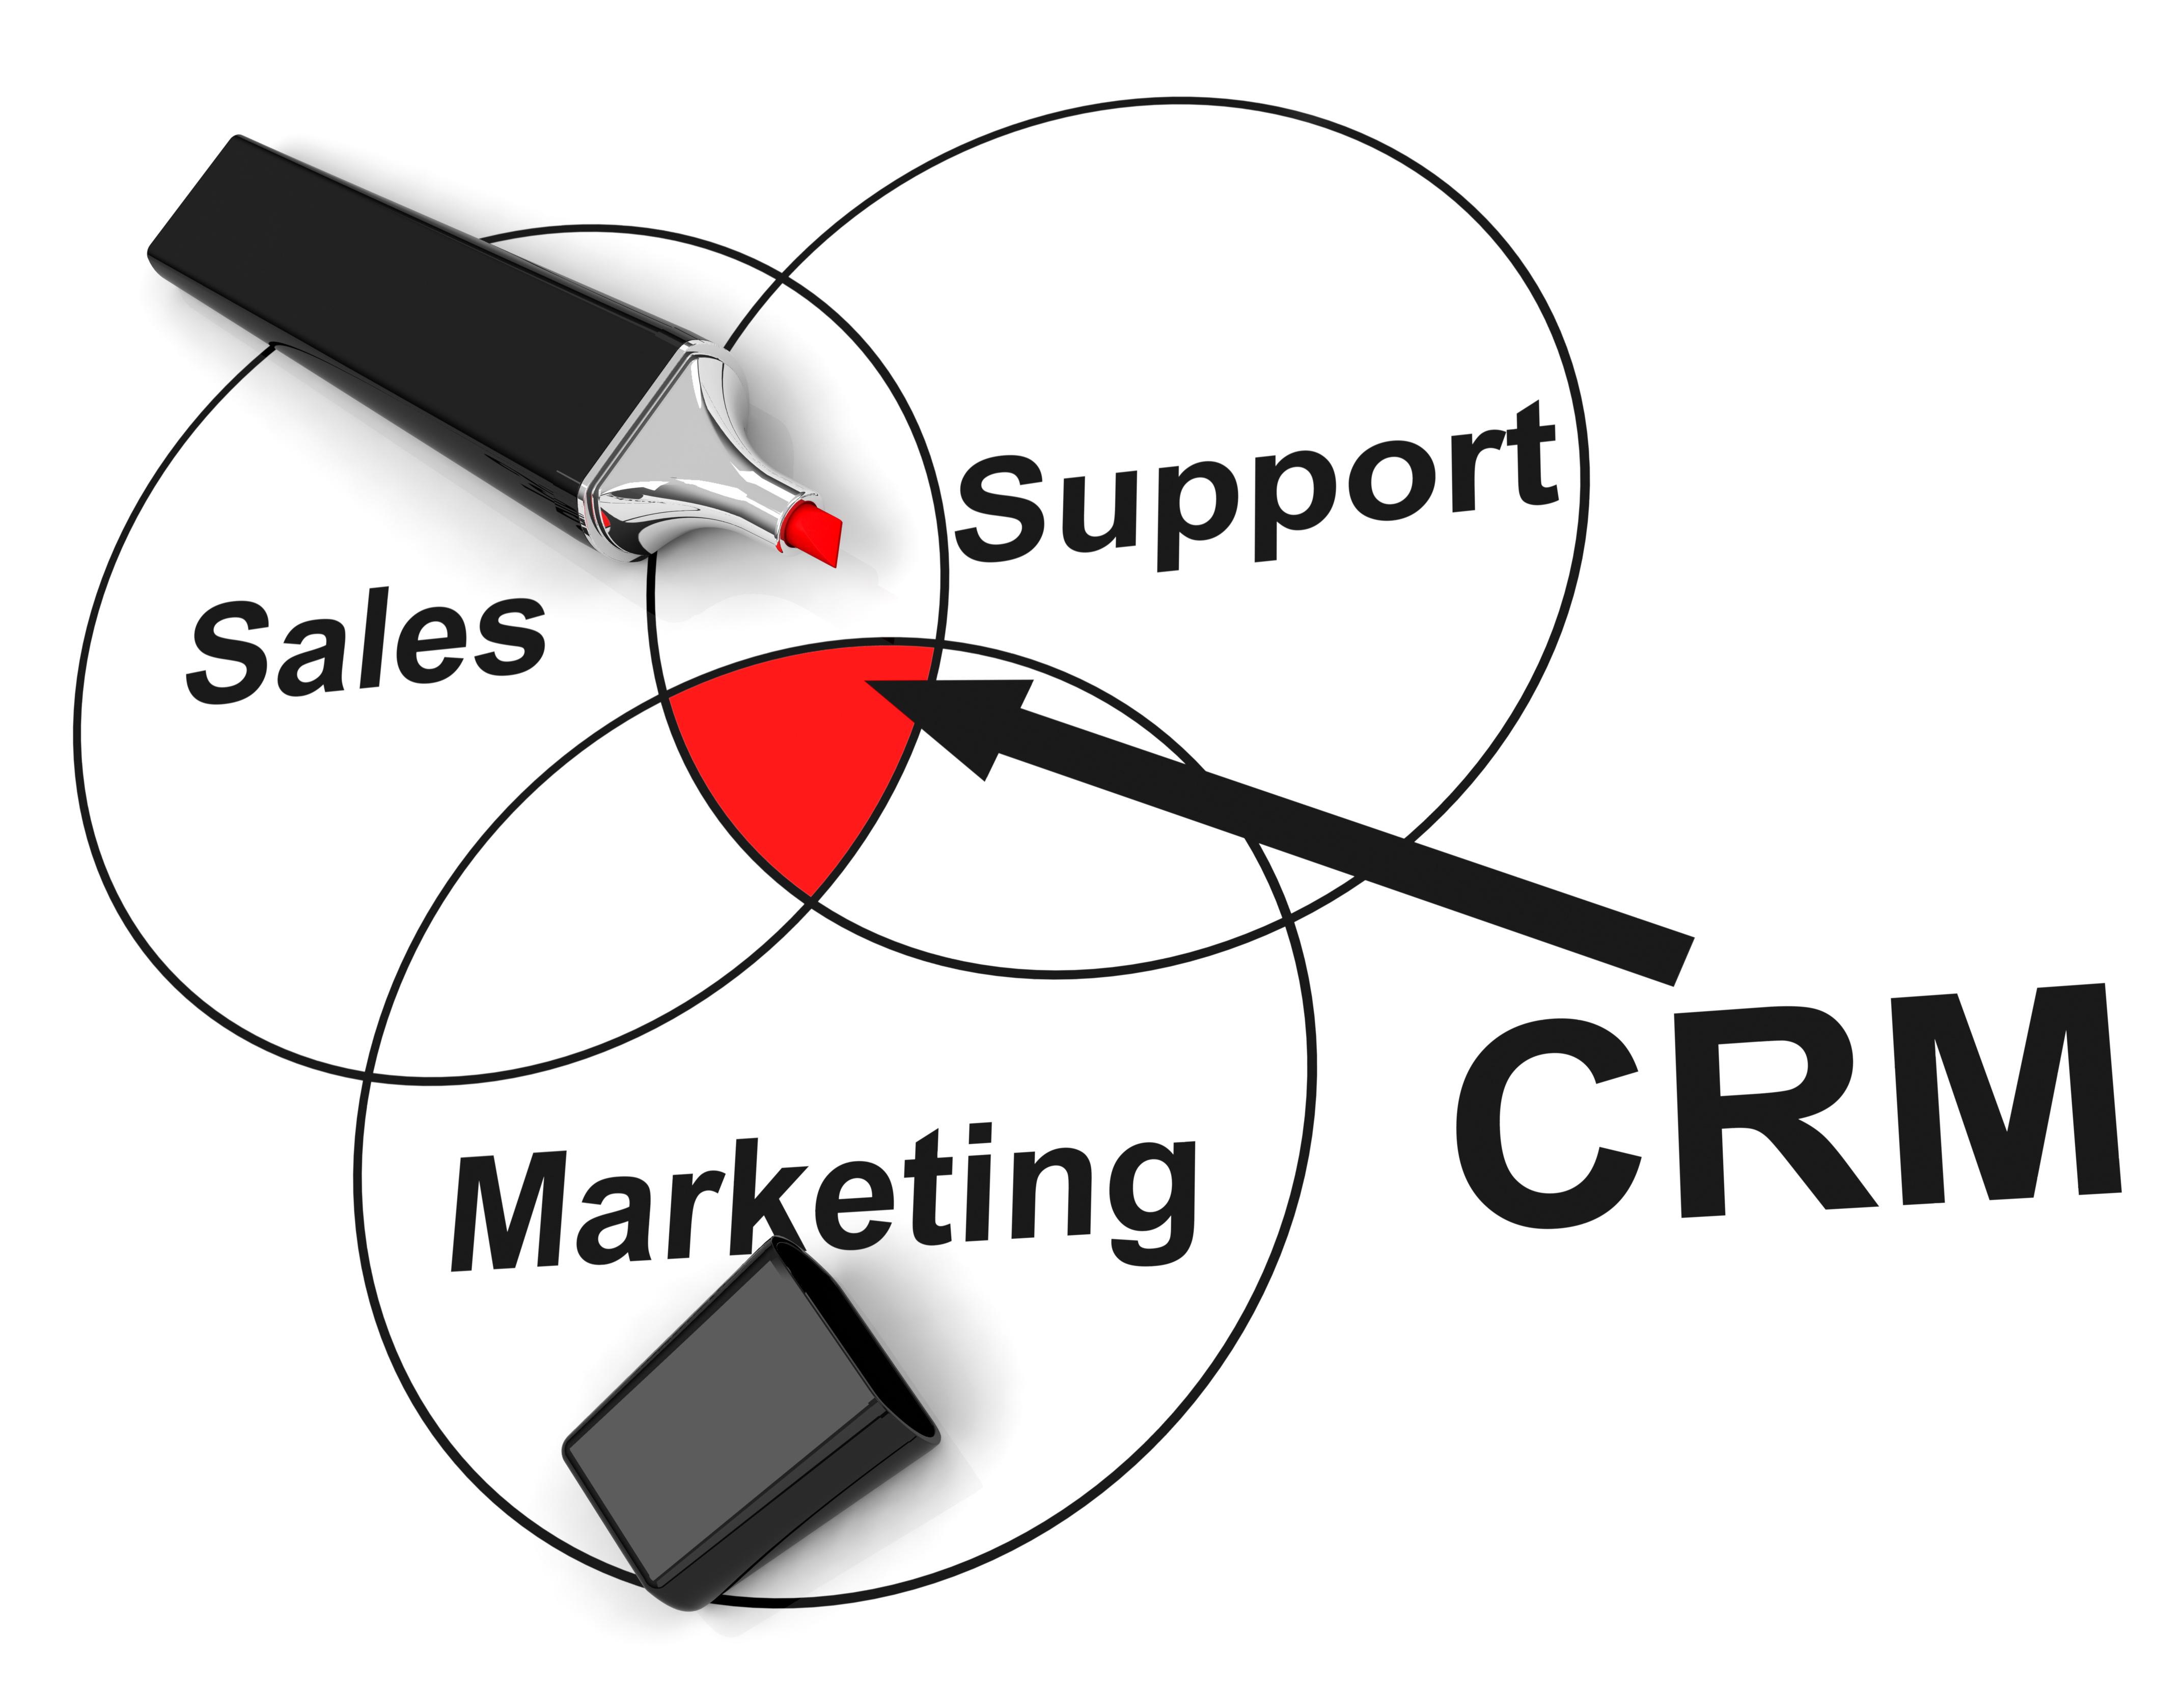 無料のHubSpot CRM〜HubSpot CRMの機能と使い方を徹底解説